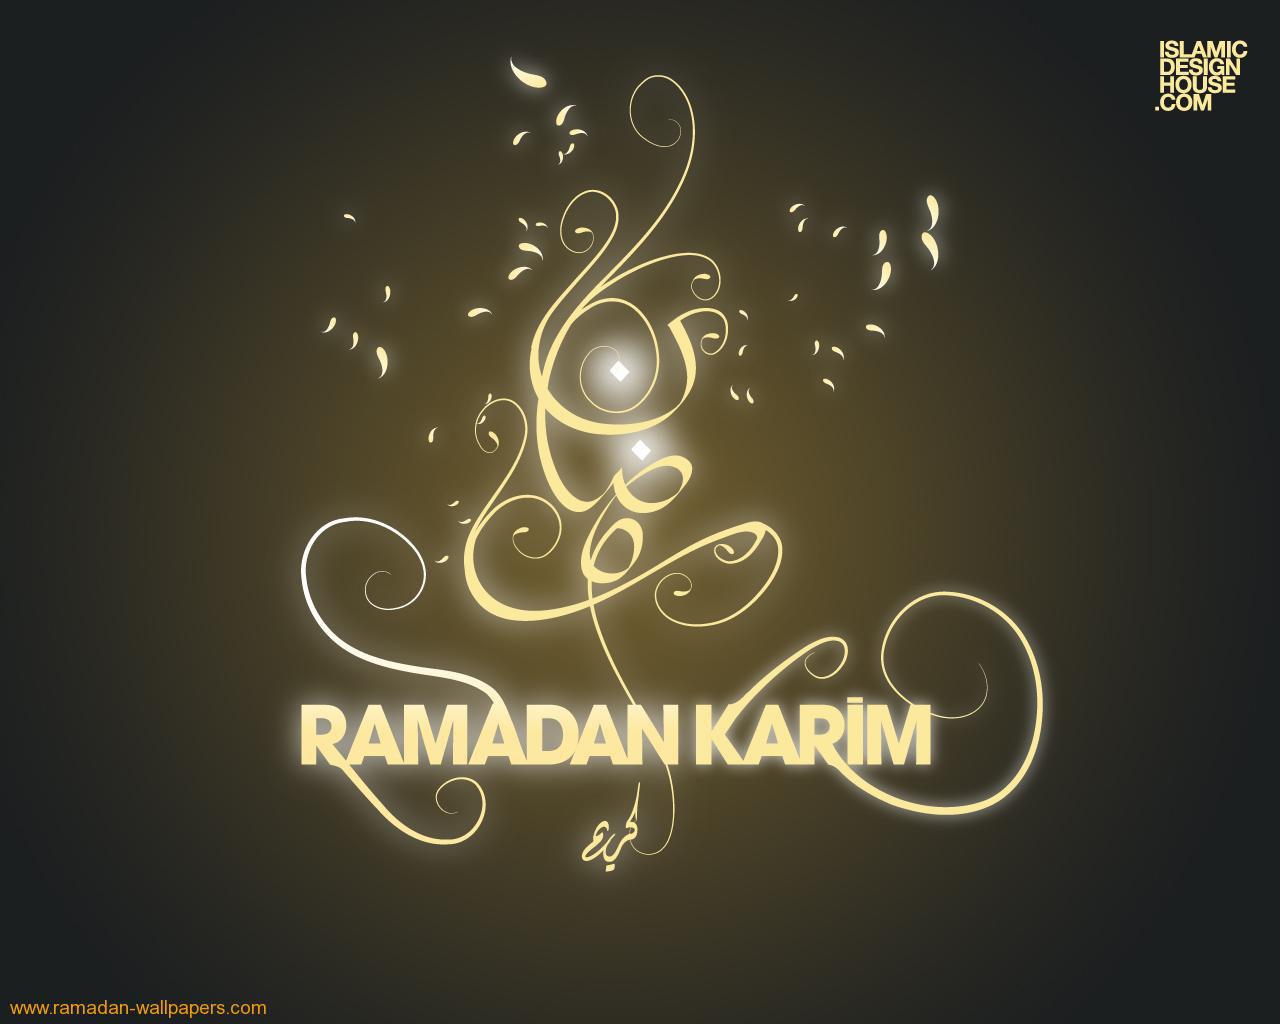 Ramadan Mubaruk 2 all !!-ramadan-mubarak-wallpapers-30-jpg